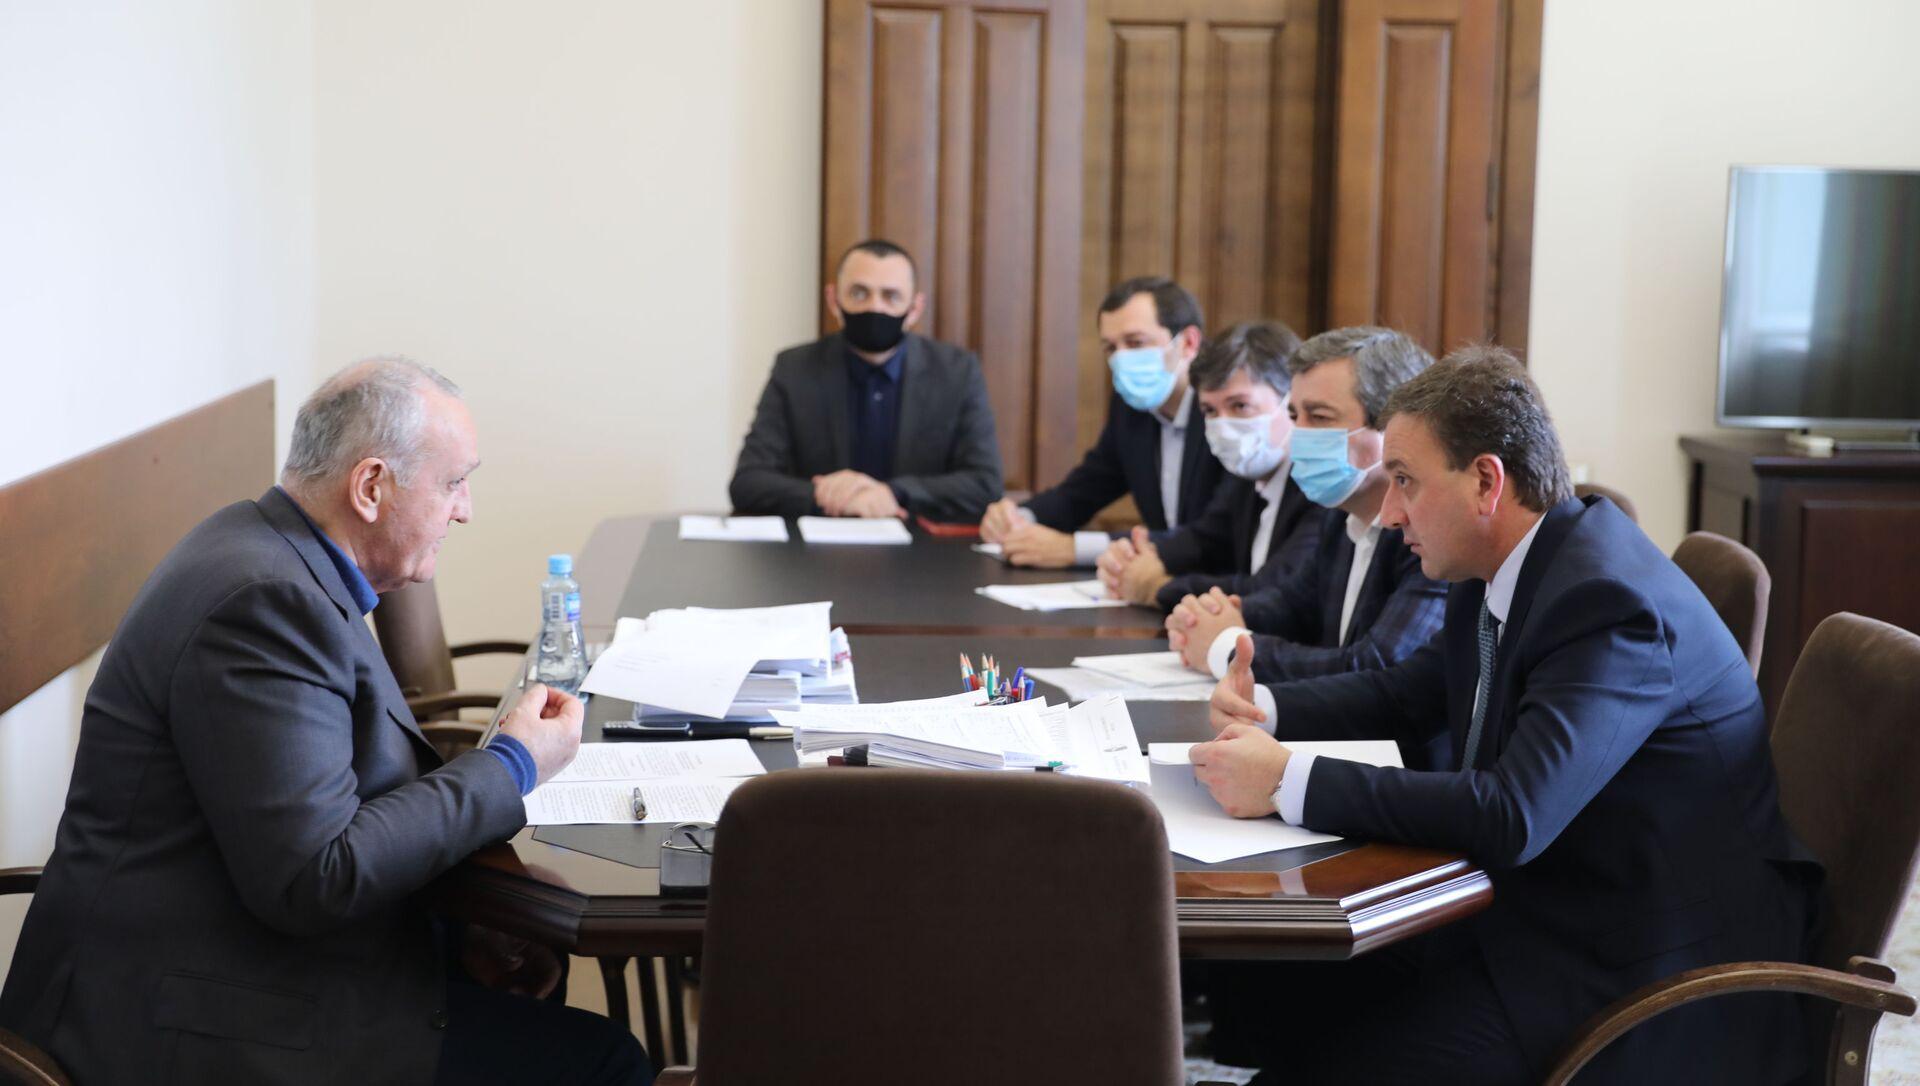 Премьер-министр Республики Абхазия Александр Анкваб провёл рабочее совещание - Sputnik Абхазия, 1920, 22.09.2021